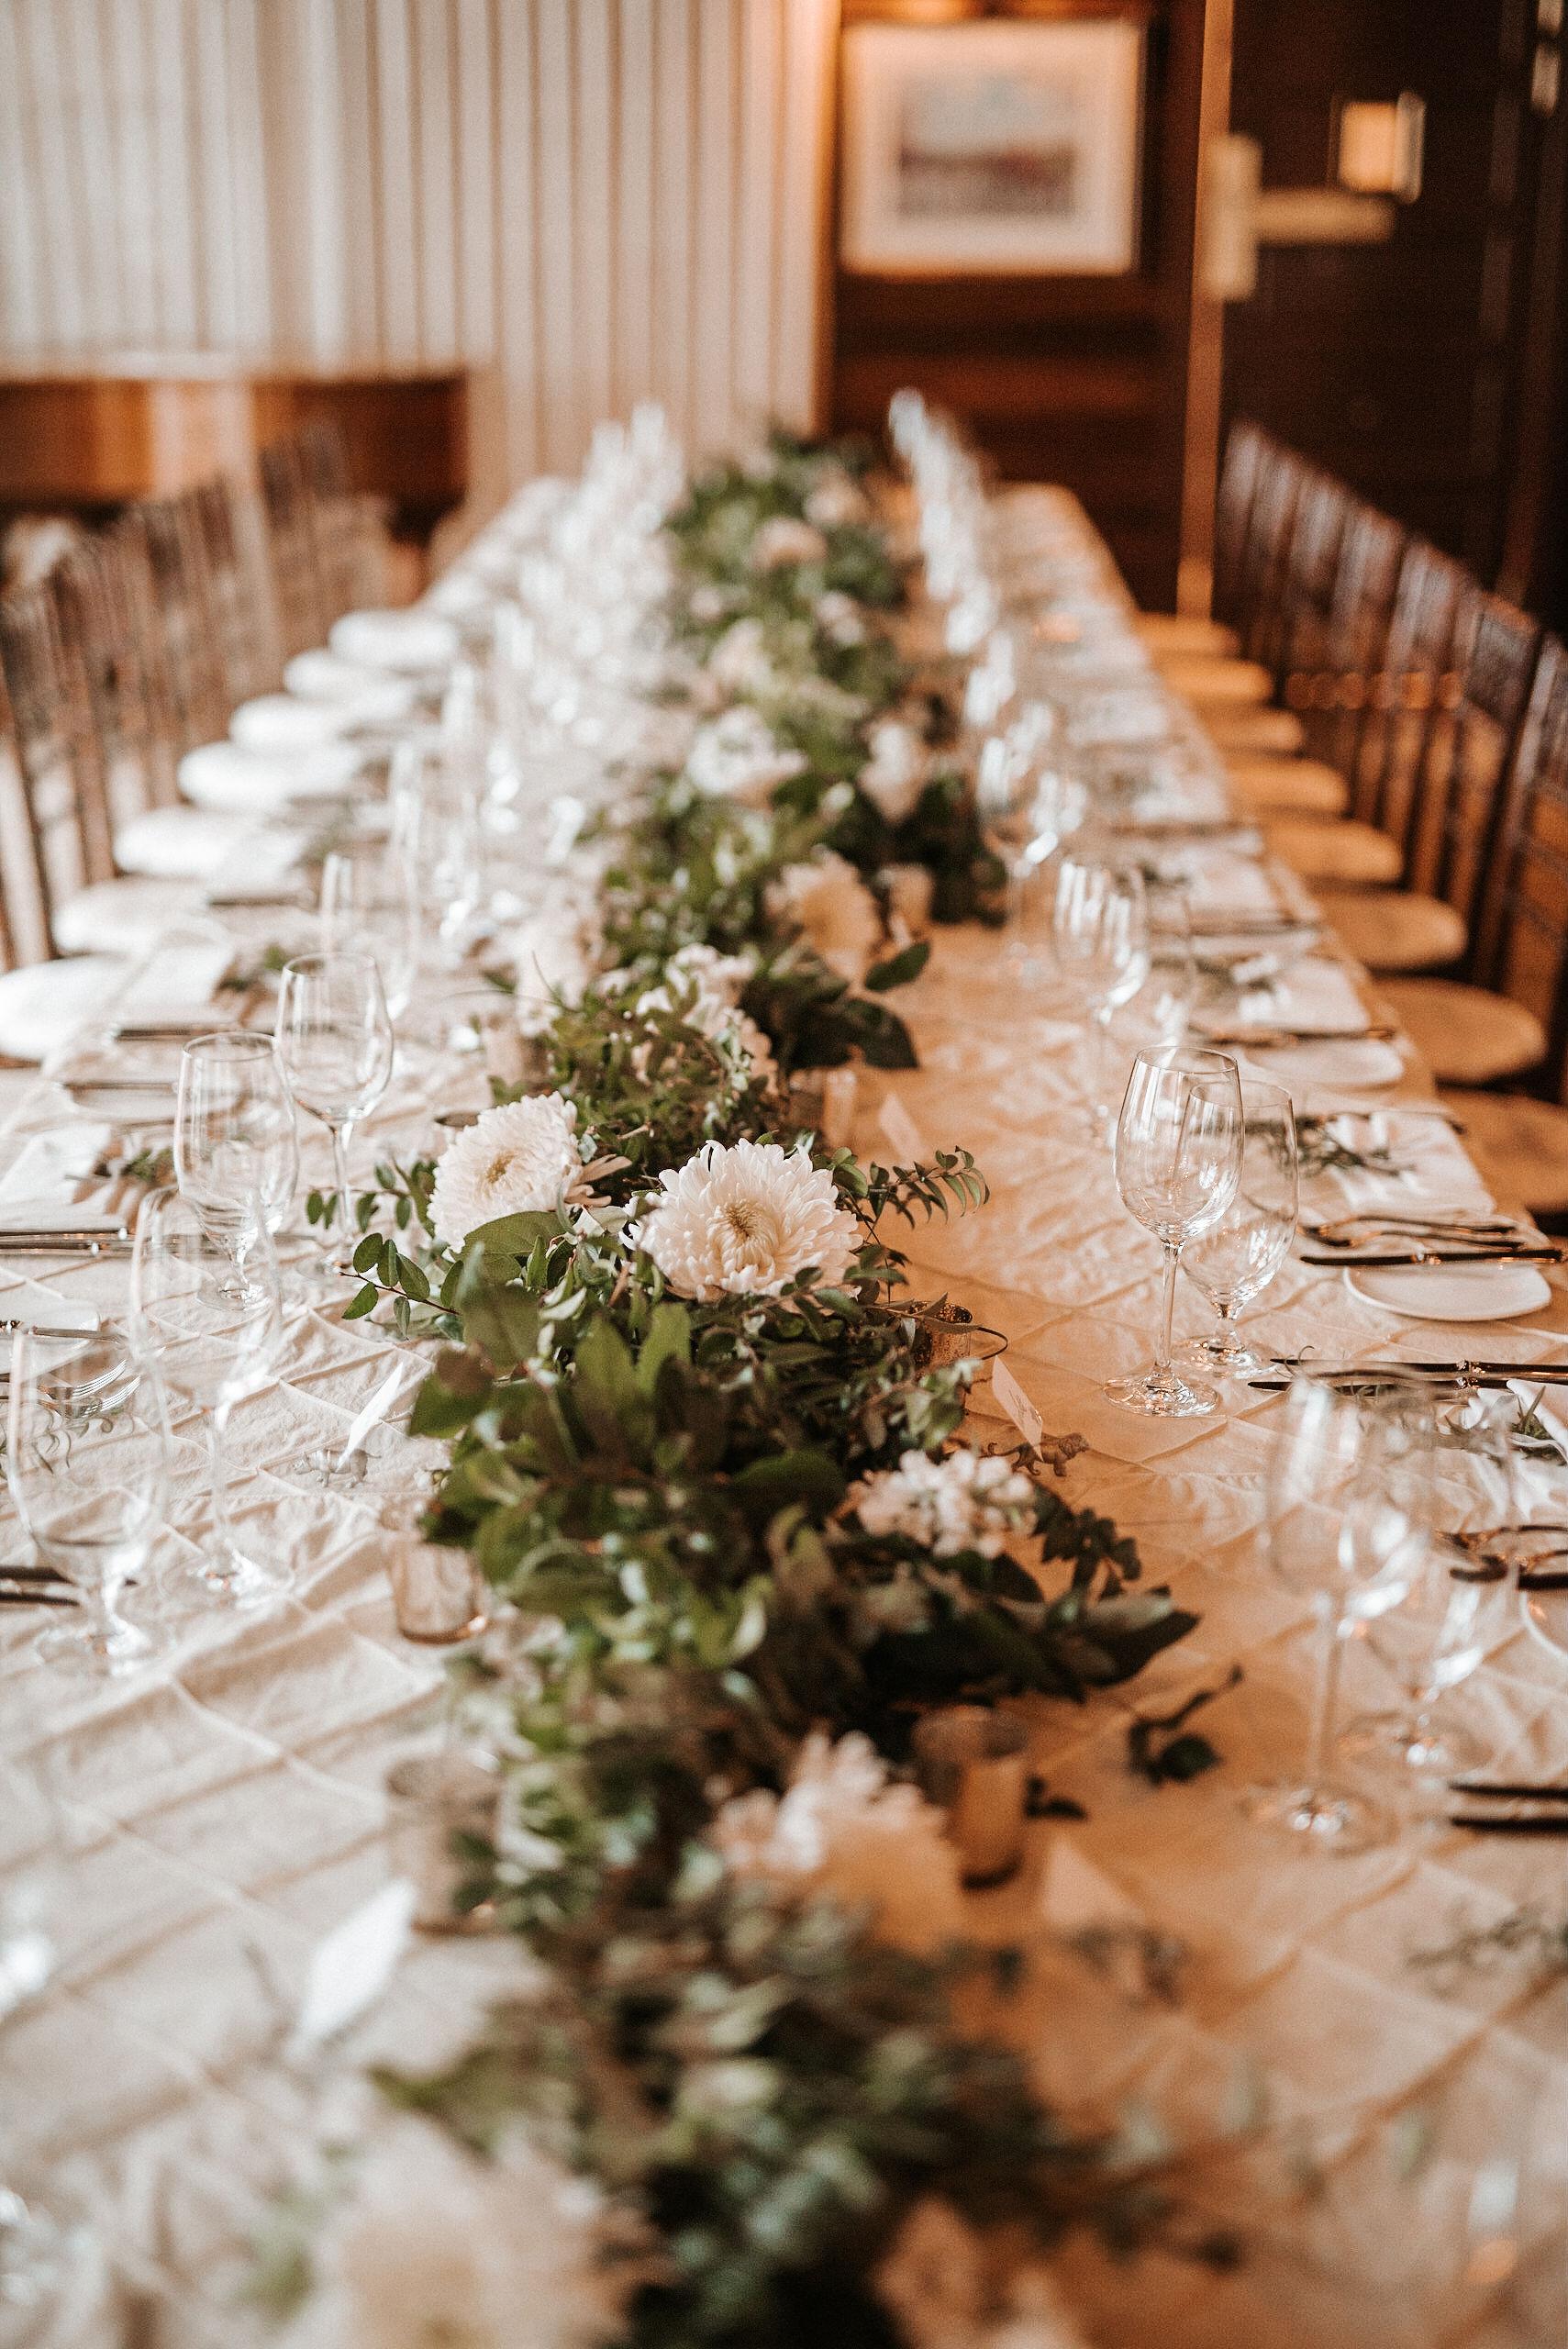 detail shot of dinner table at Goodstone Inn & Restaurant